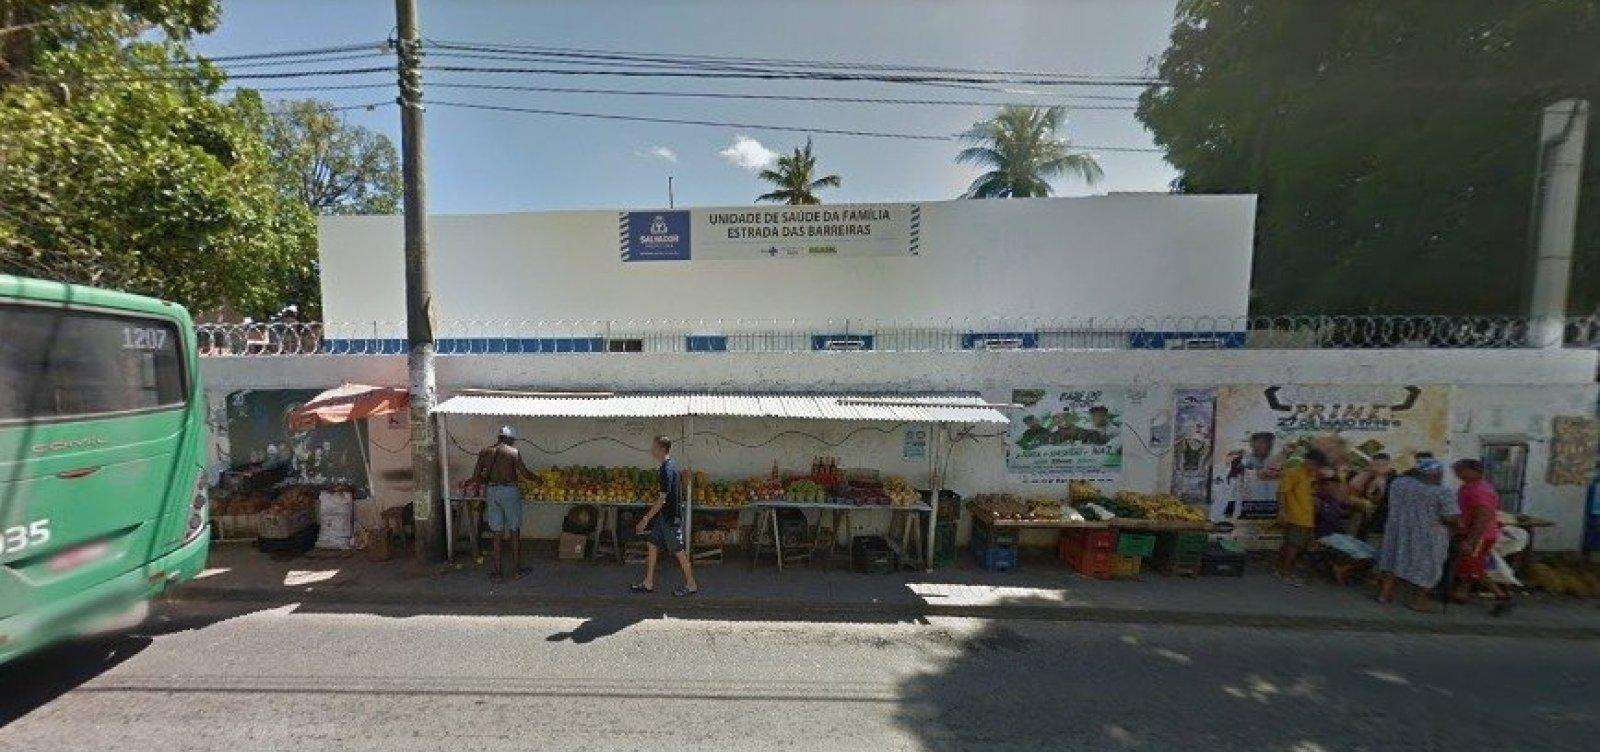 [Posto de saúde suspende atendimento após ser arrombado em Salvador]